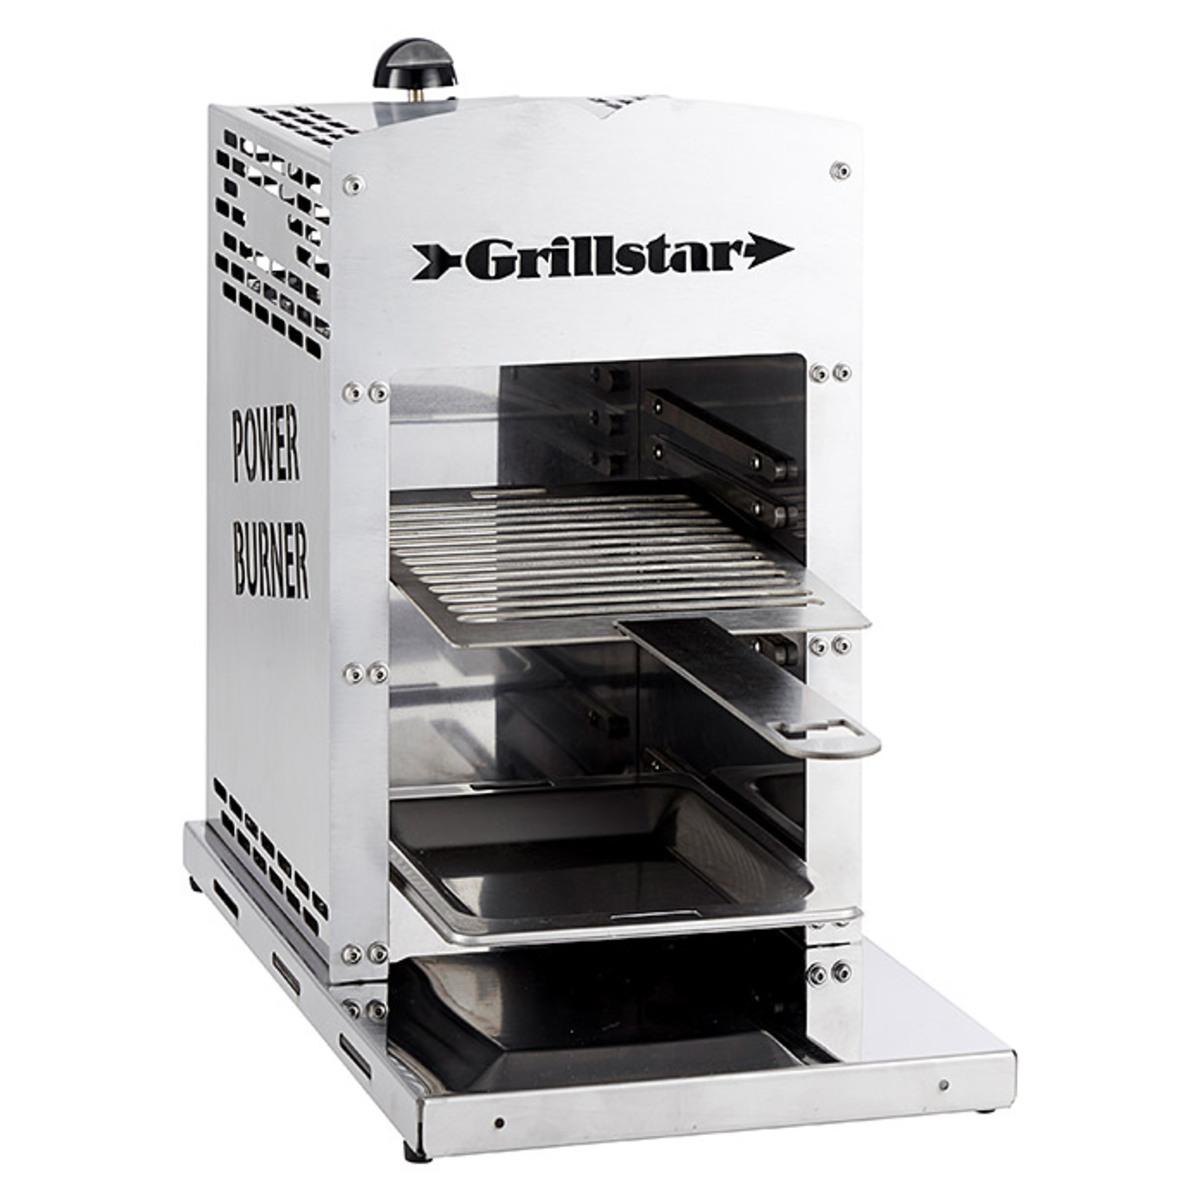 Bild 2 von Grillstar Gasgrill Power Burner